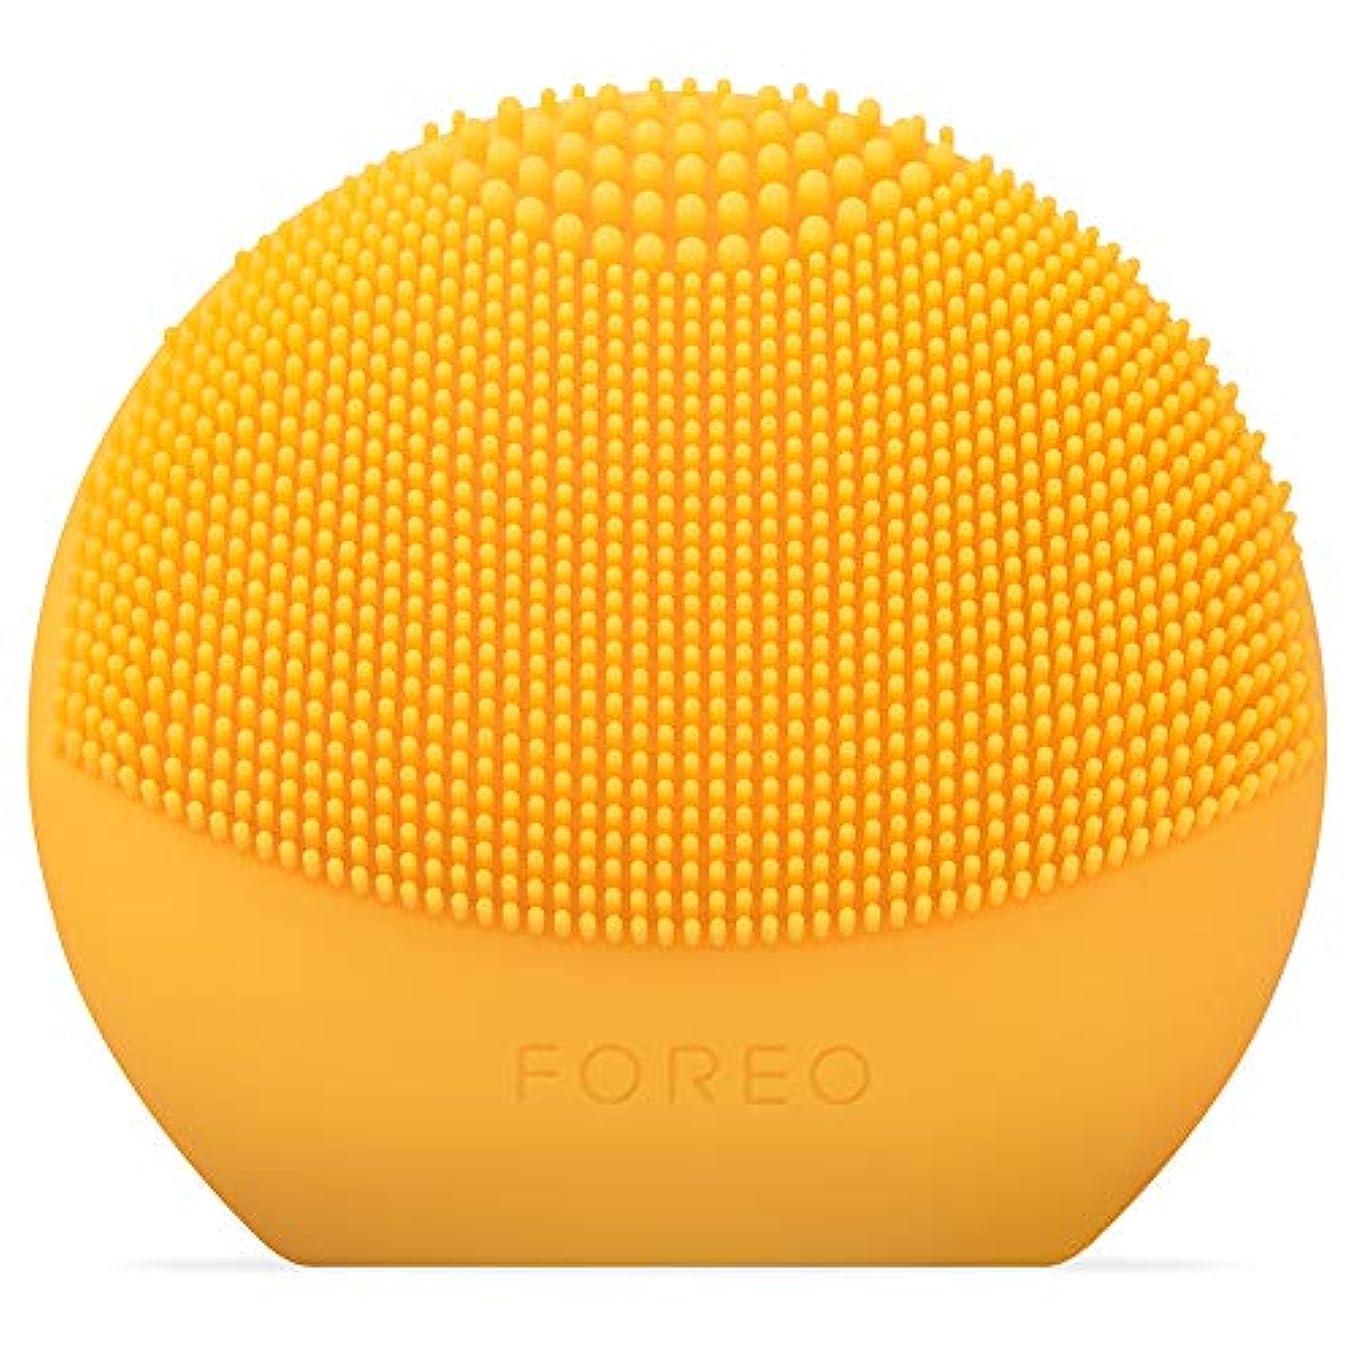 FOREO LUNA fofo サンフラワーイエロー スマートクレンジングデバイス 電動洗顔ブラシ シリコーン製